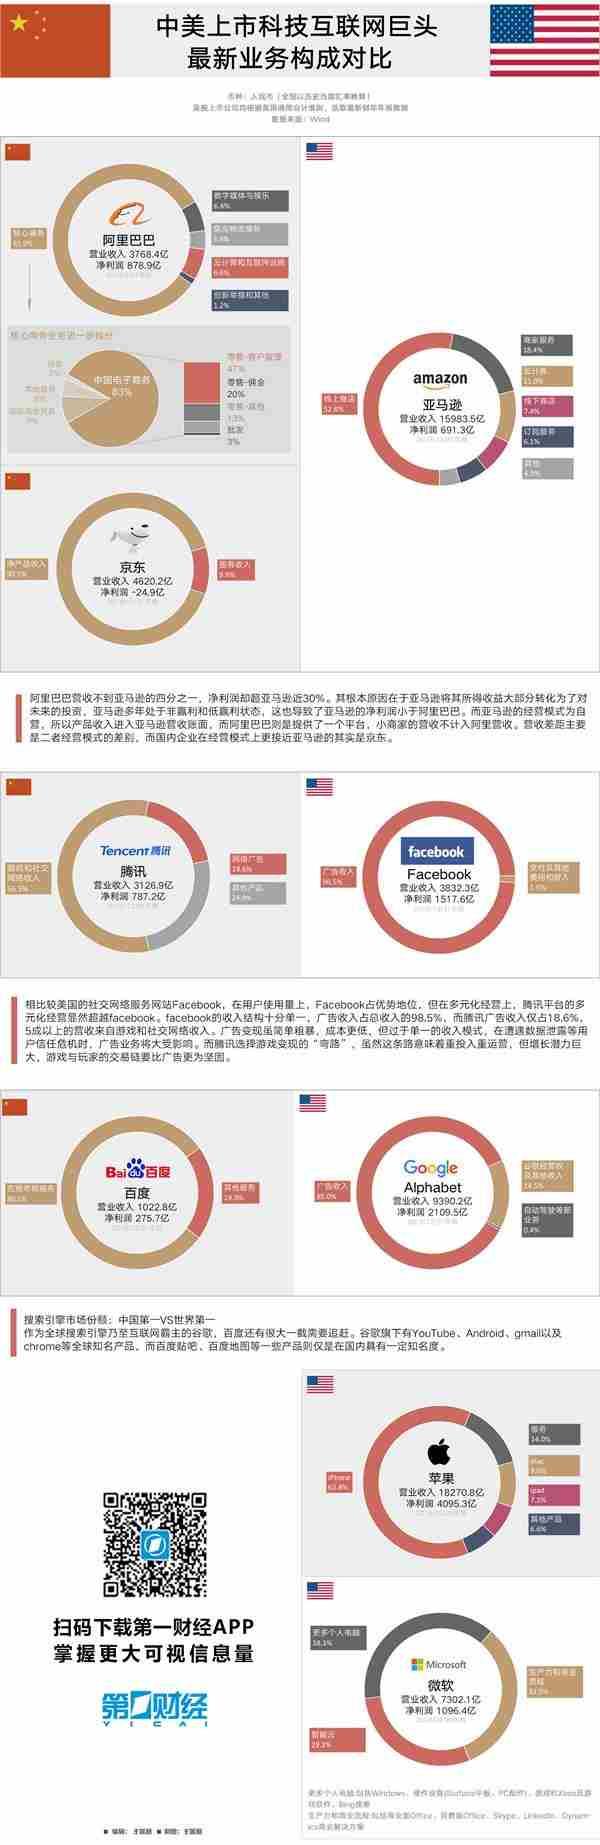 中美上市科技互联网巨头大比拼:阿里年净利润超亚马逊